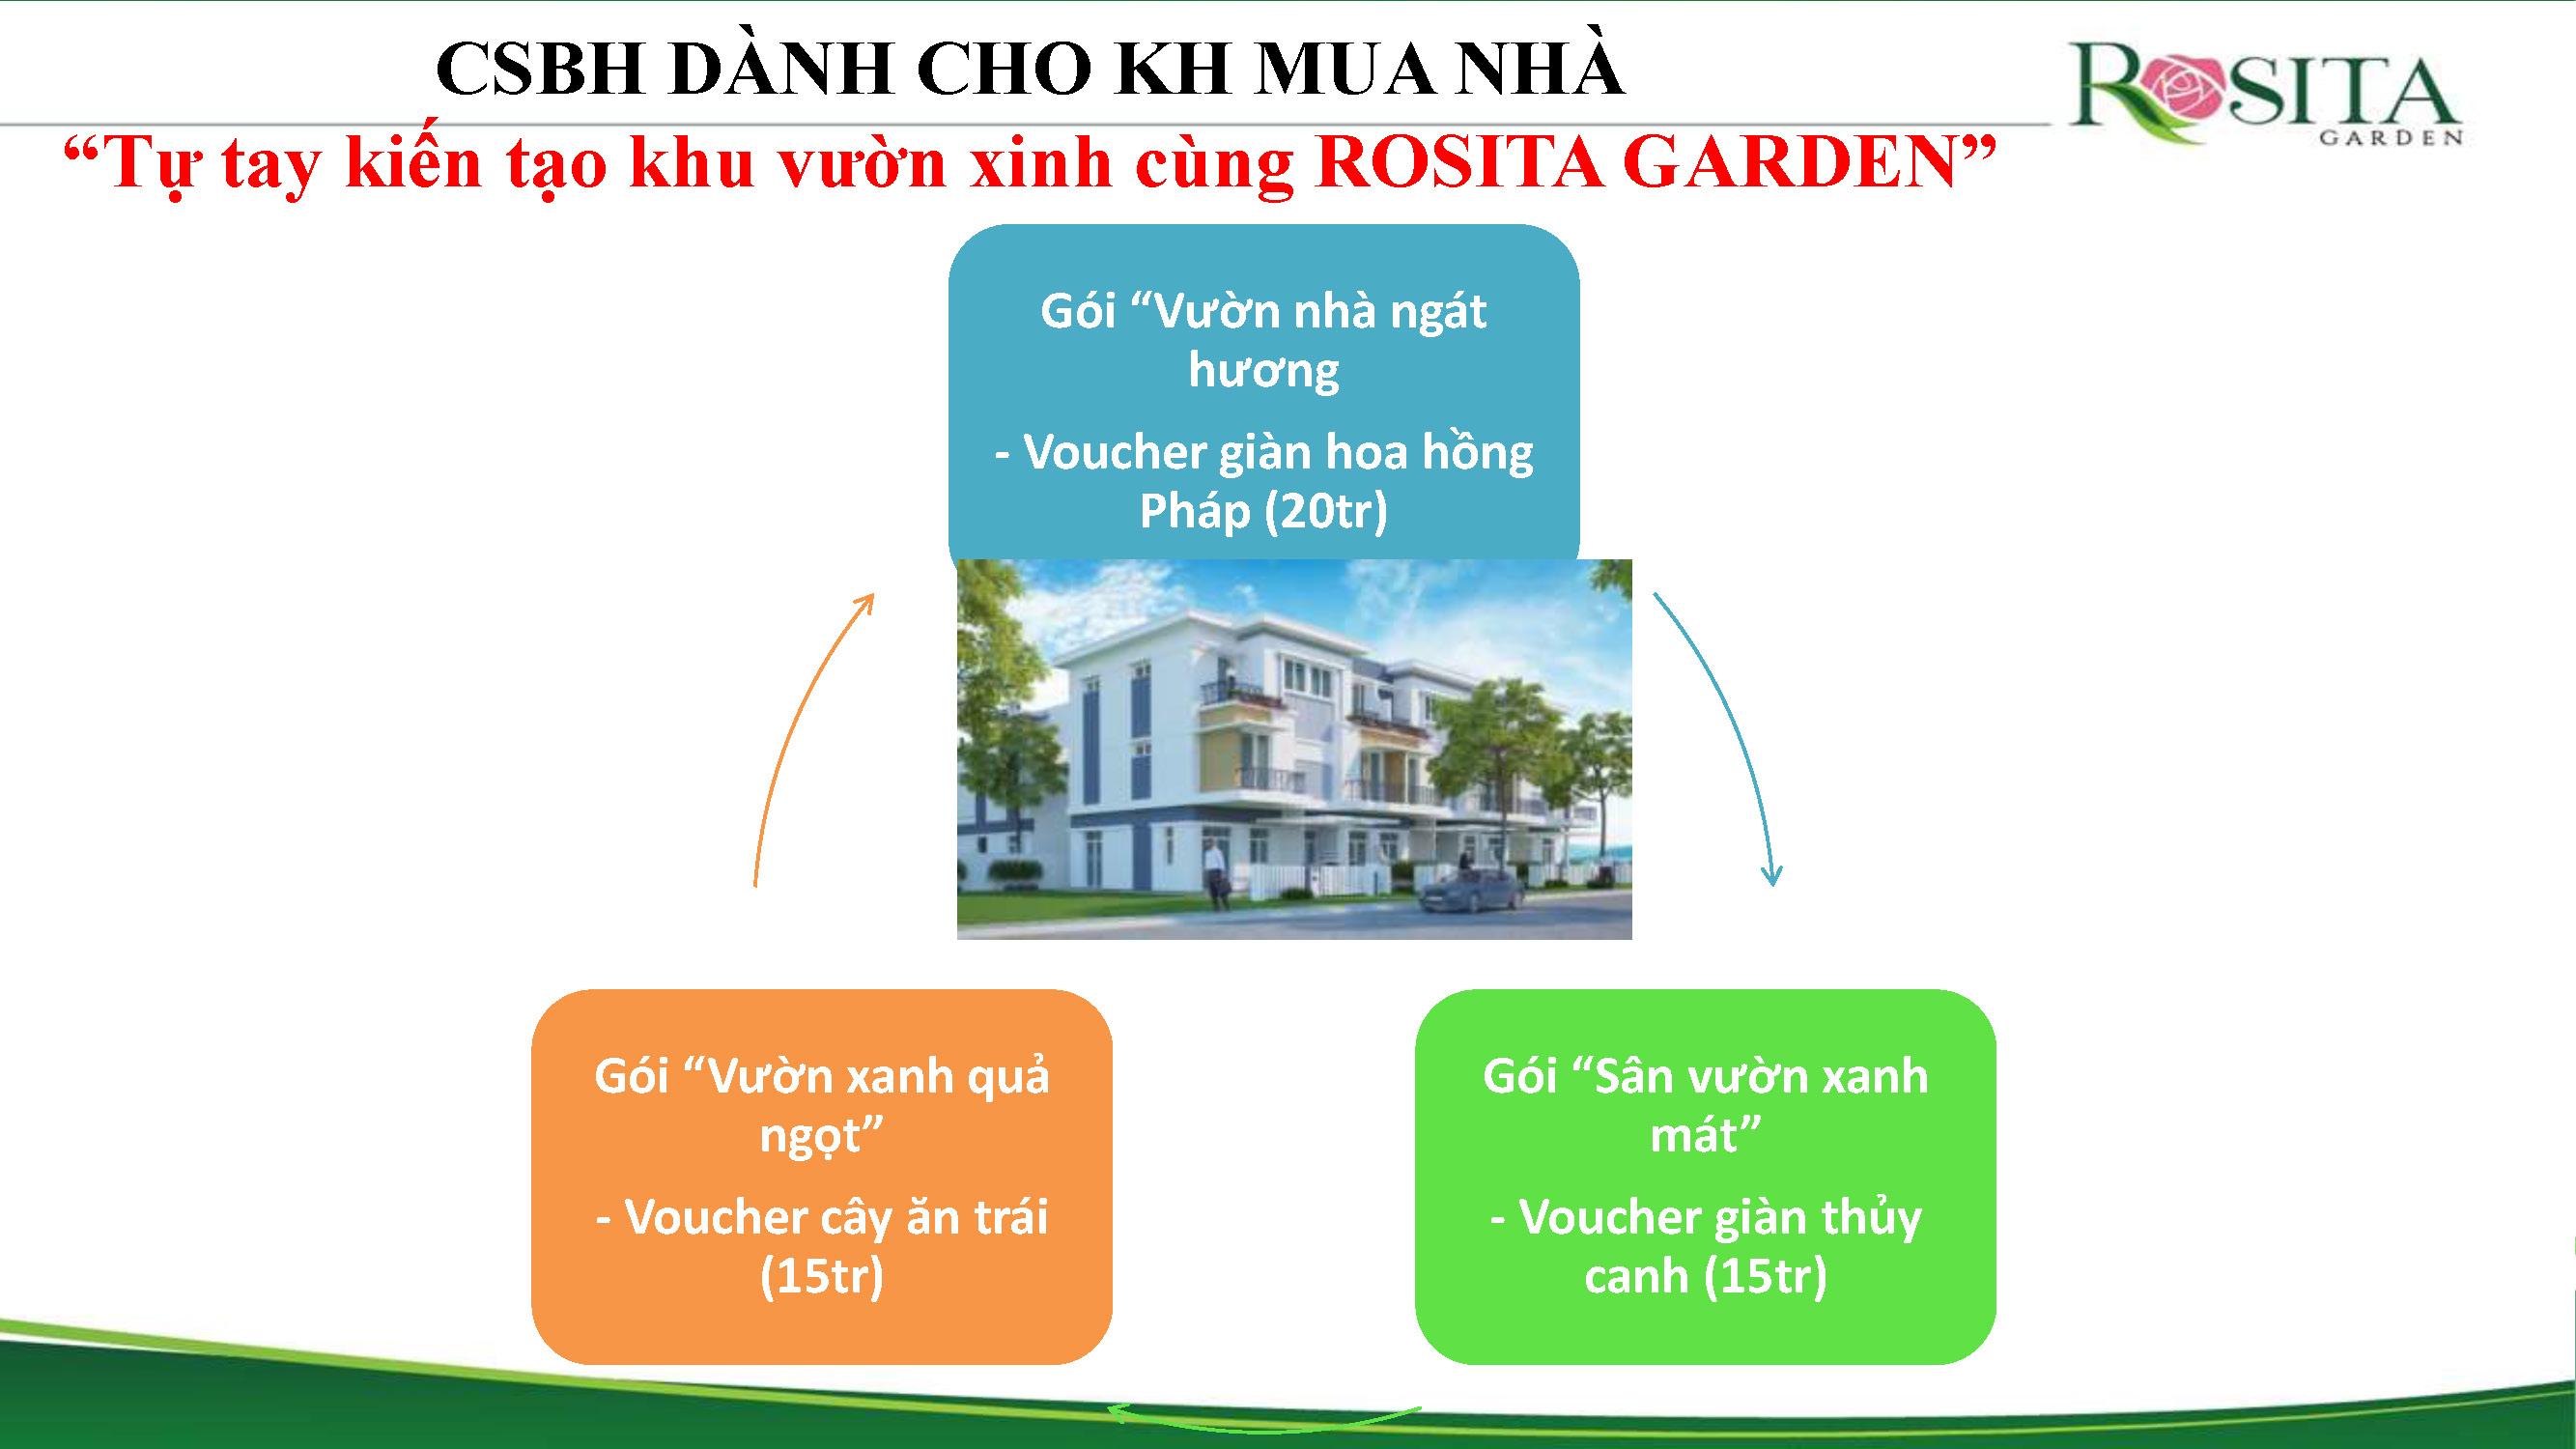 chính sách bán hàng dự án rosita garden